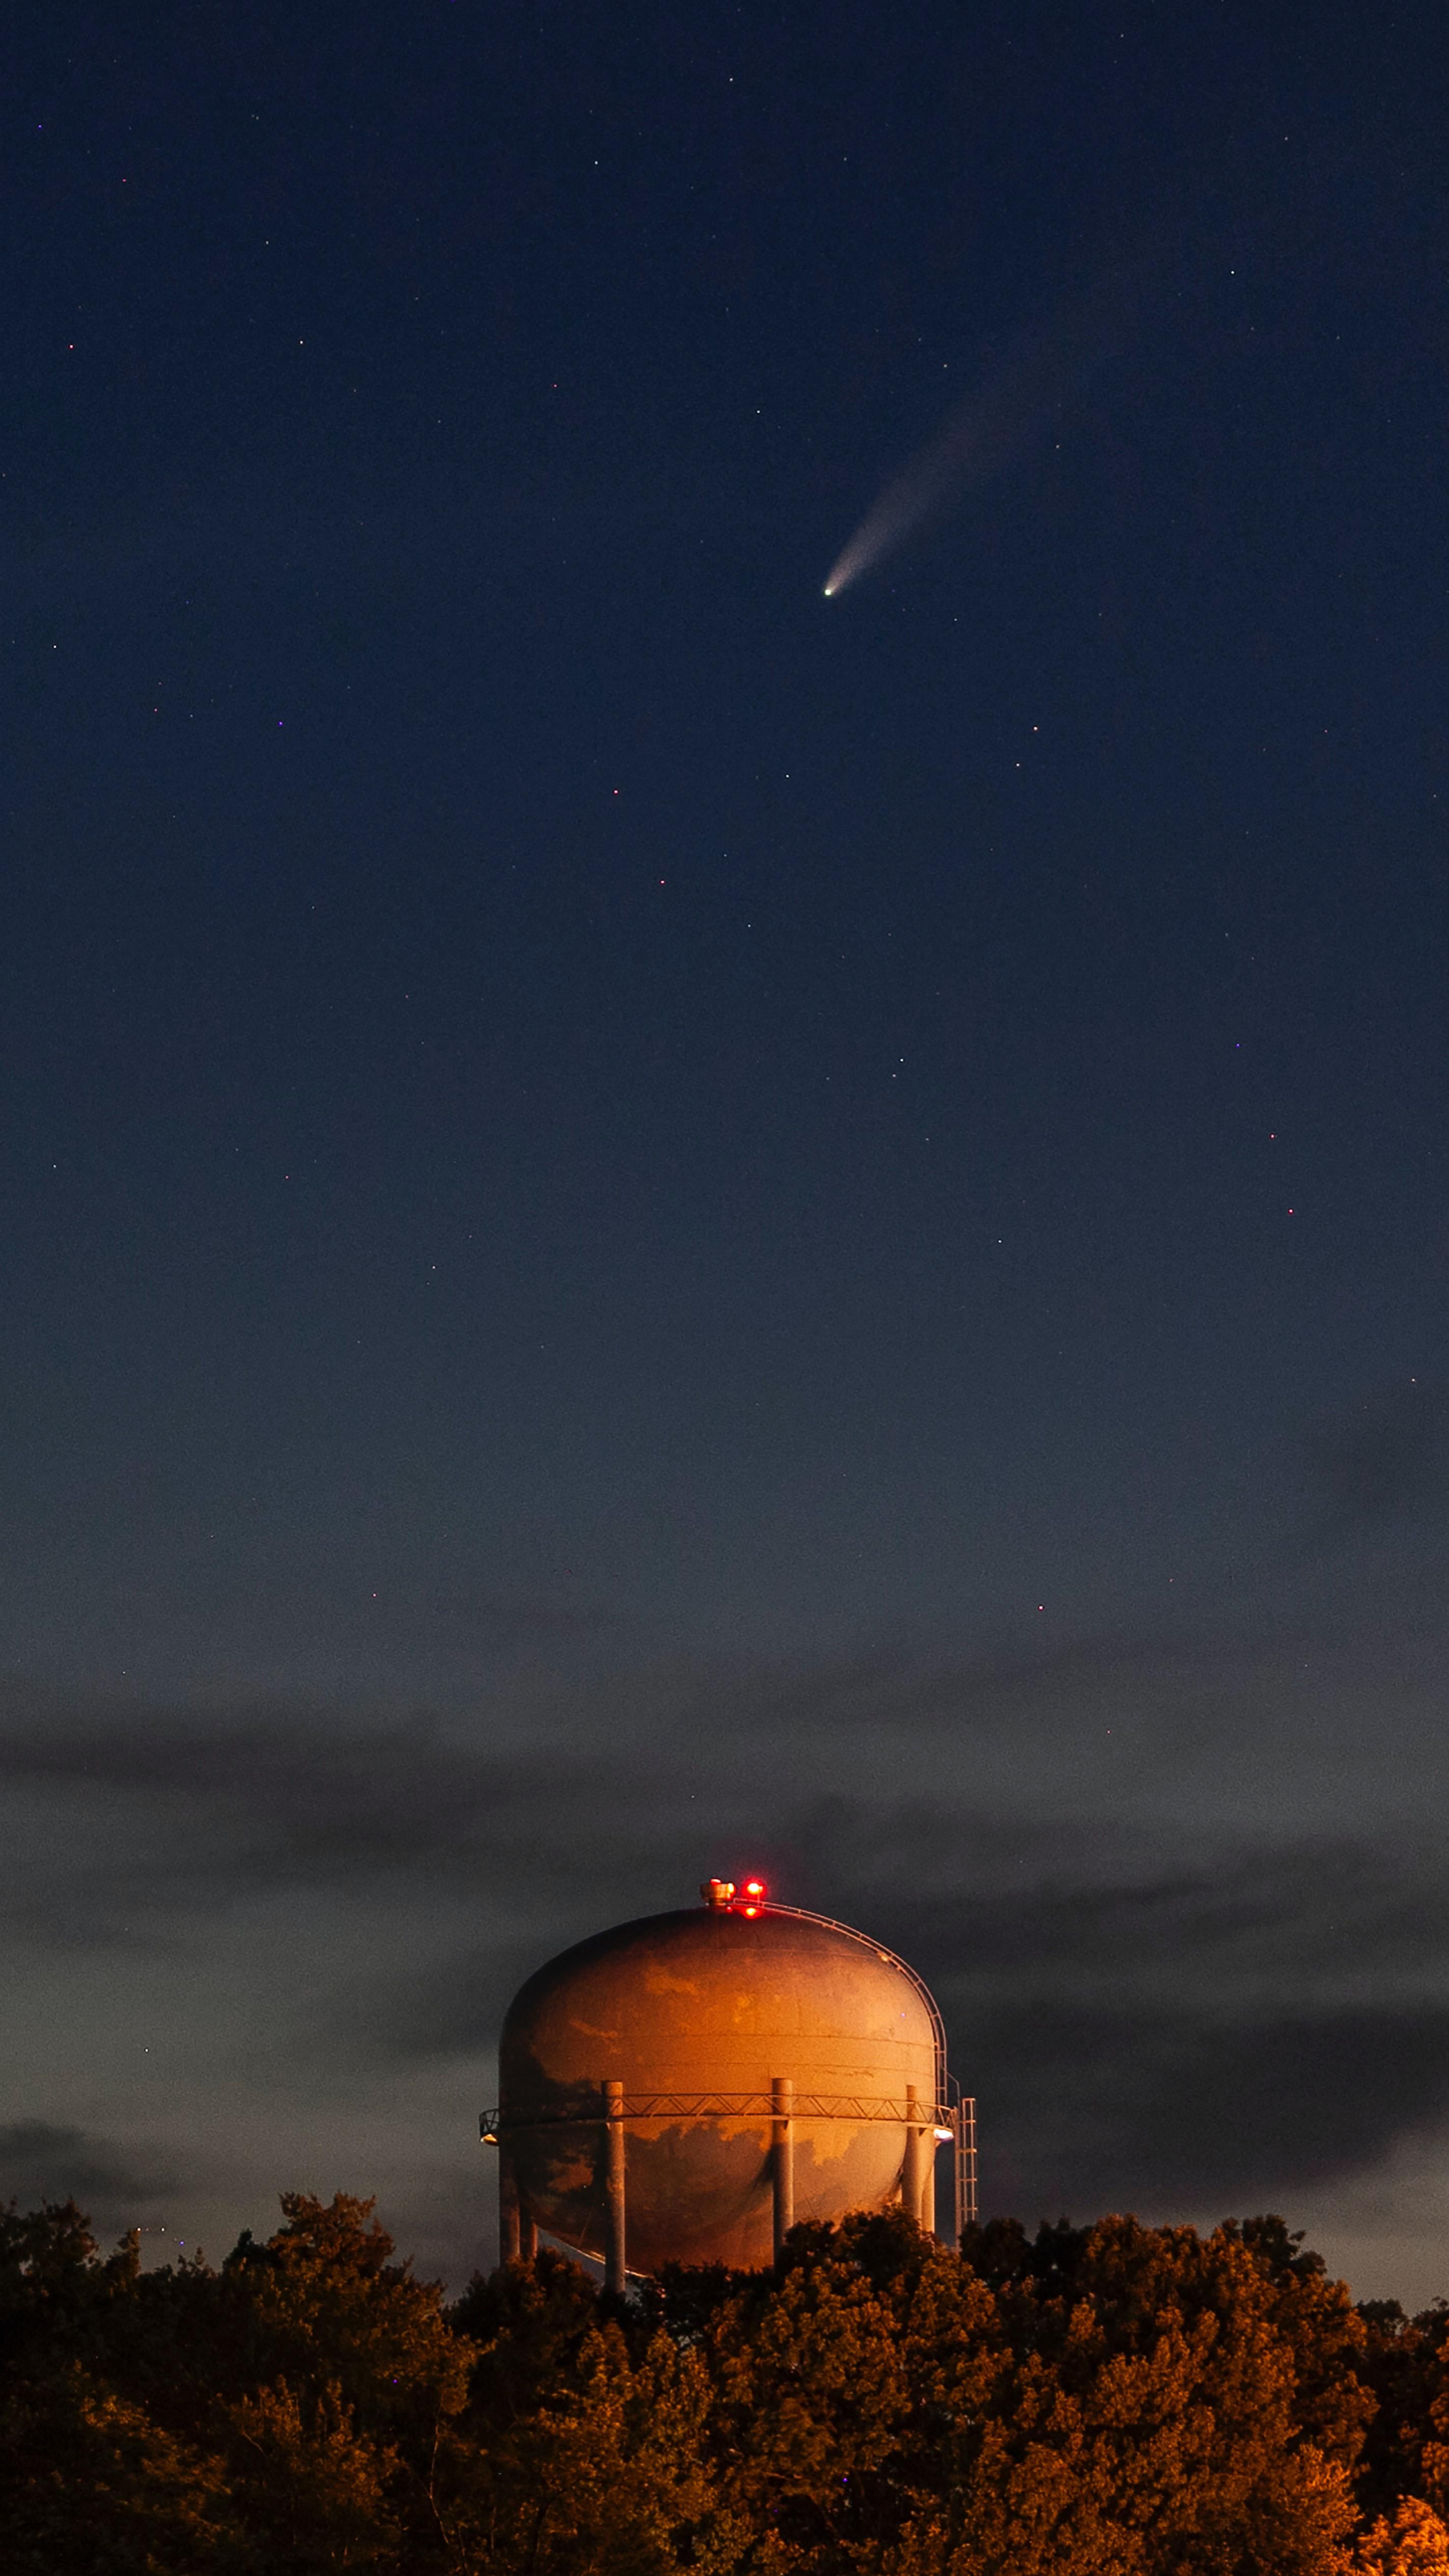 Komeet Neowise met op de voorgrond de koepel een sterrenwacht.